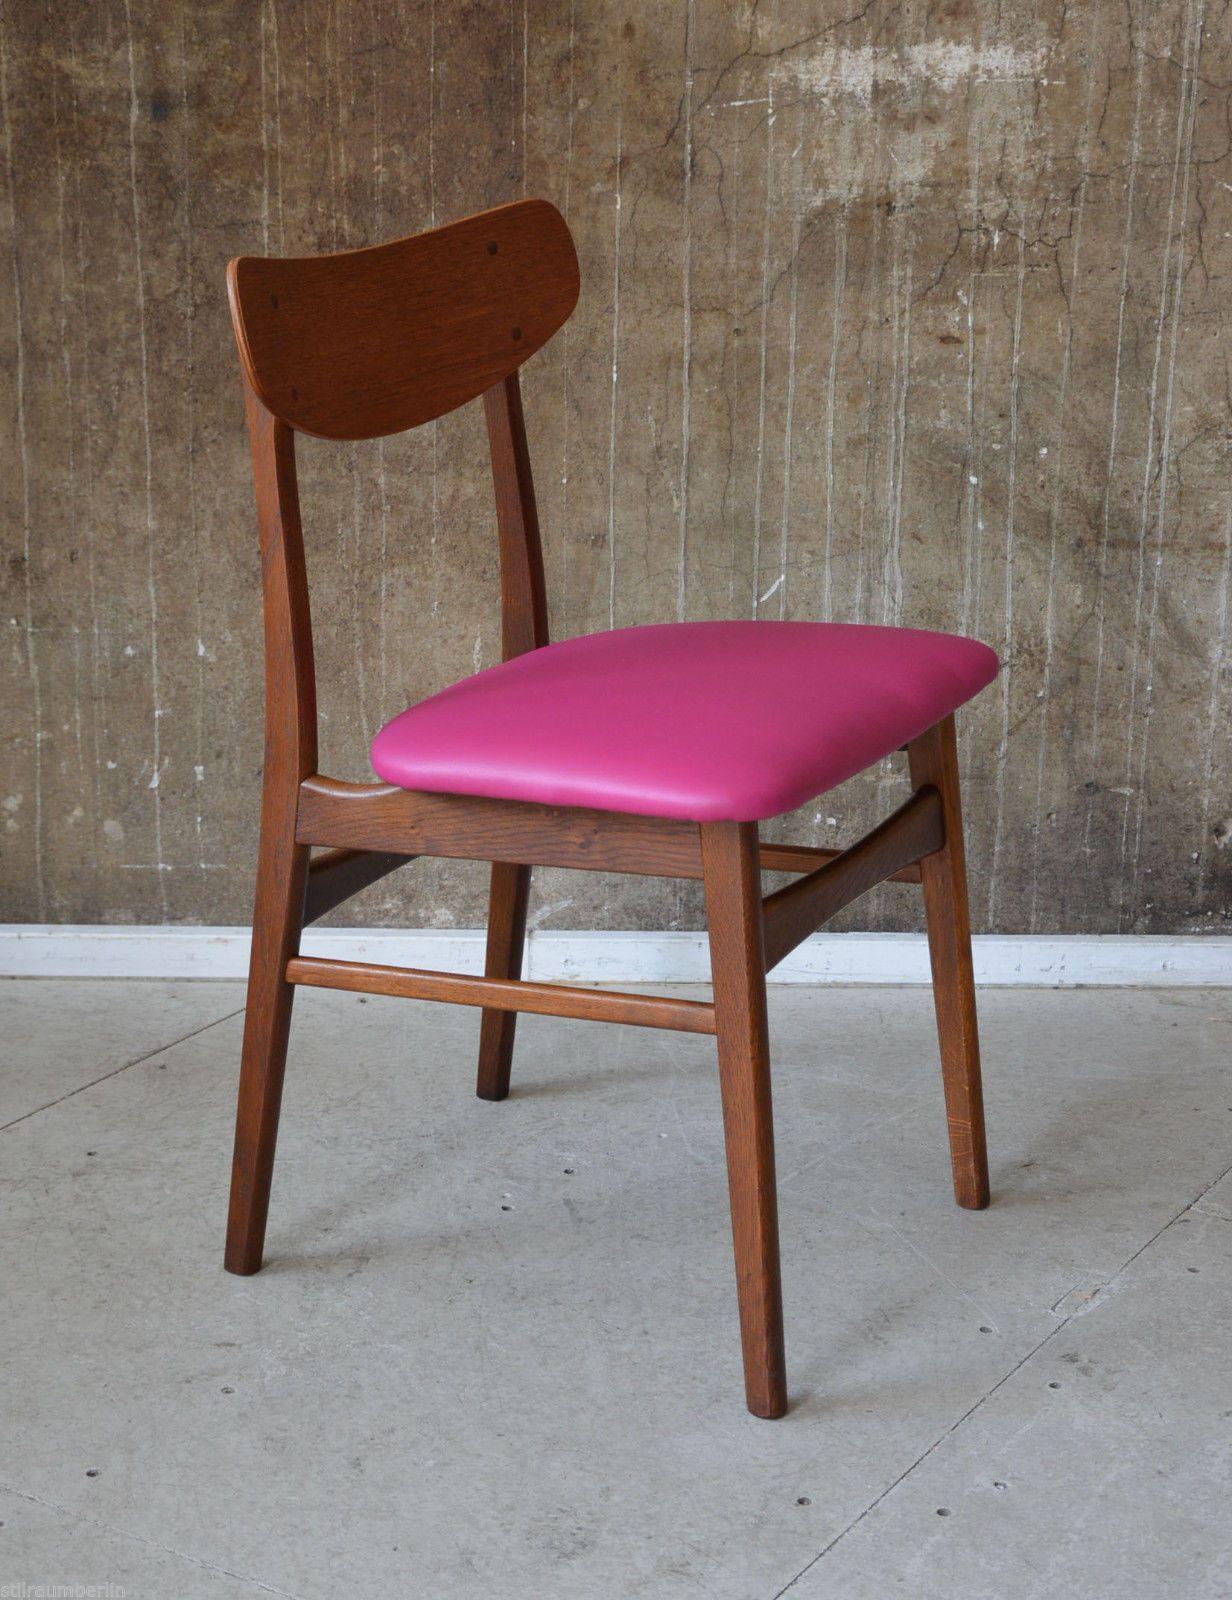 stuhl wegner cheap jwegner cmmadsen with stuhl wegner fabulous er teak stuhl danish design s. Black Bedroom Furniture Sets. Home Design Ideas